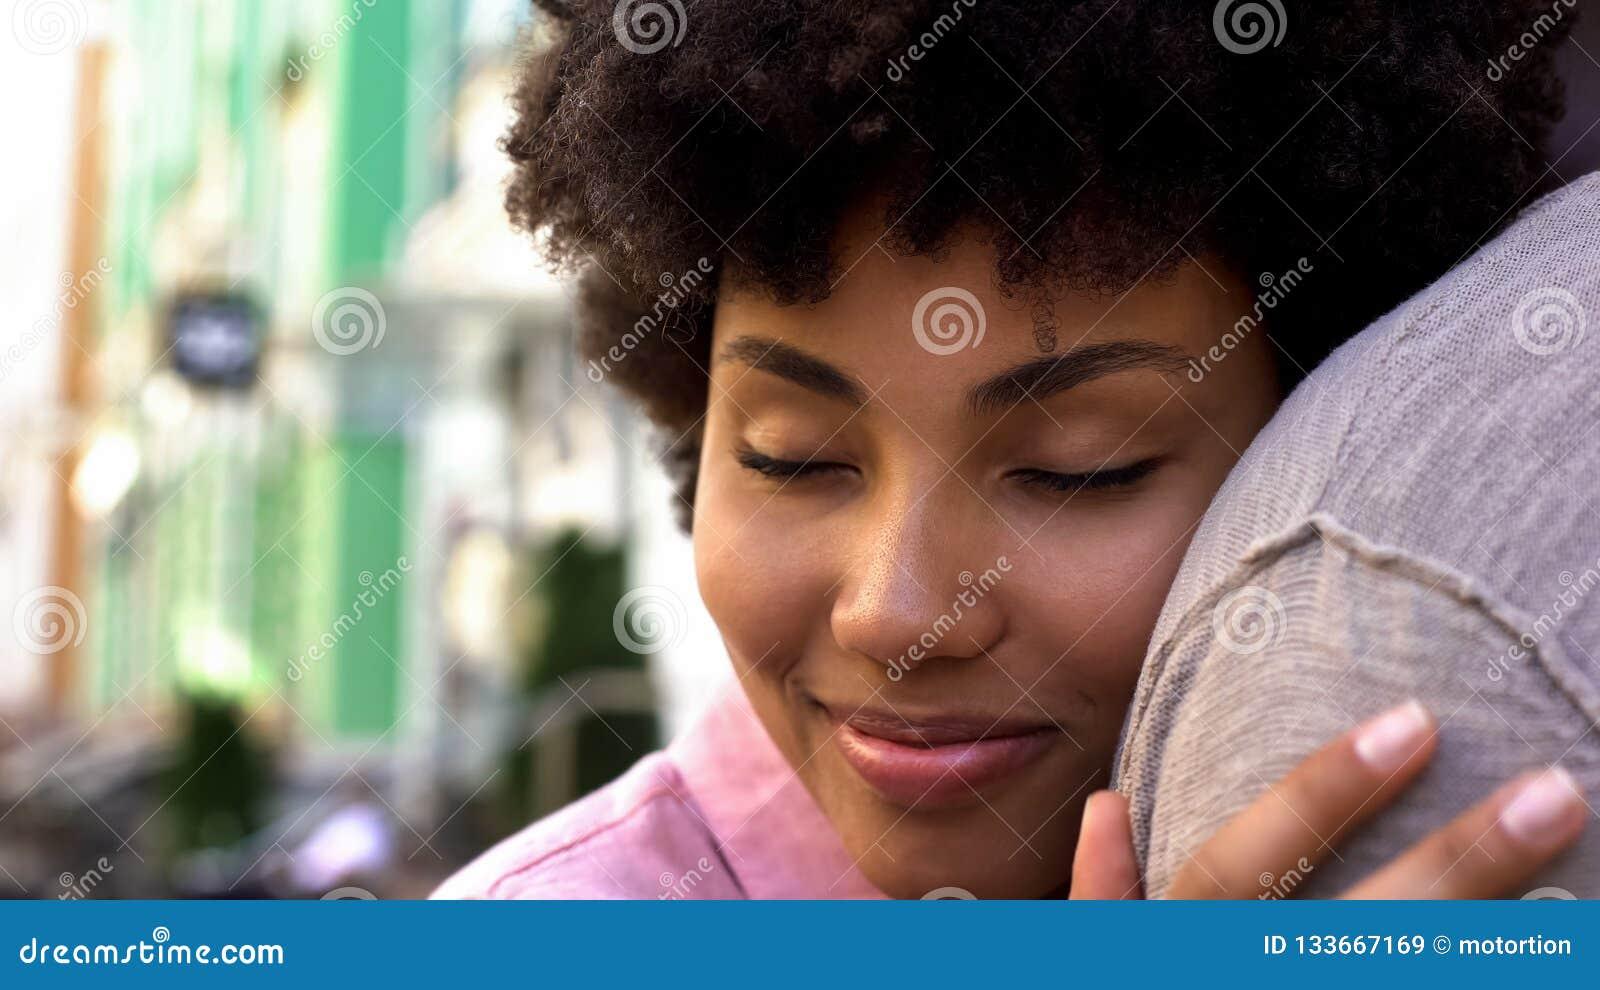 Любовники обнимая снаружи, нежные отношения, романтичную дату, сомкнутость и доверие